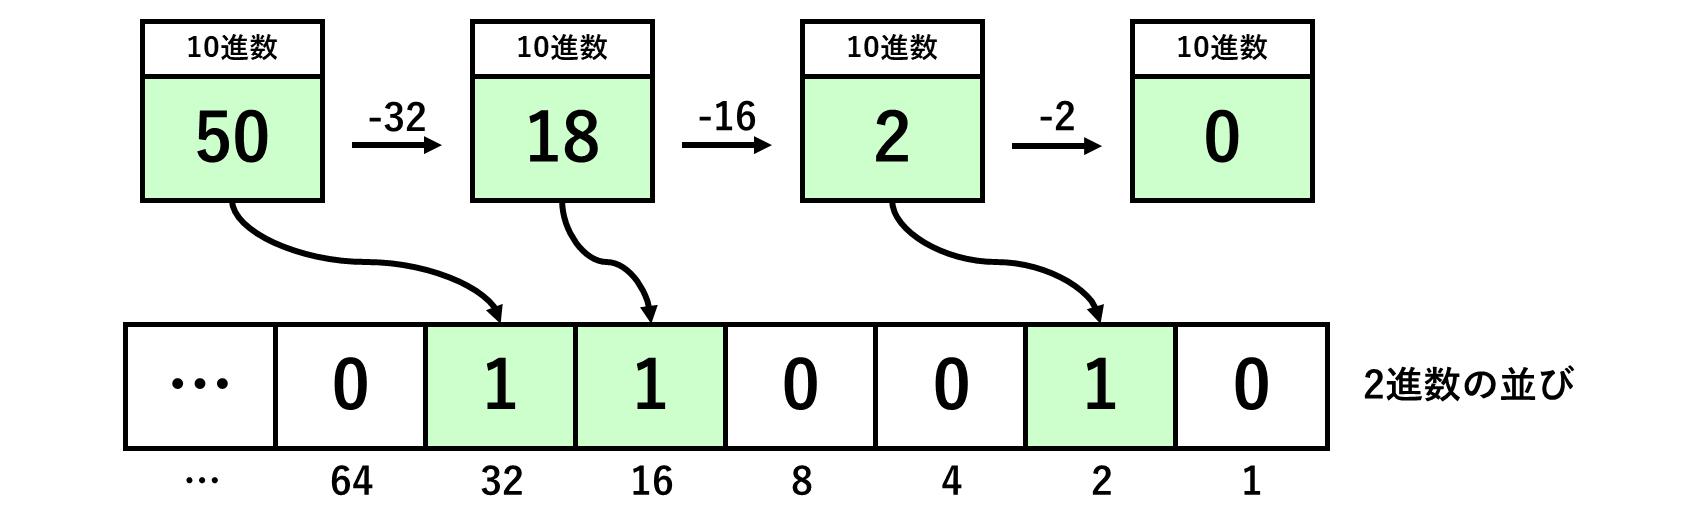 10進数と2進数の変換